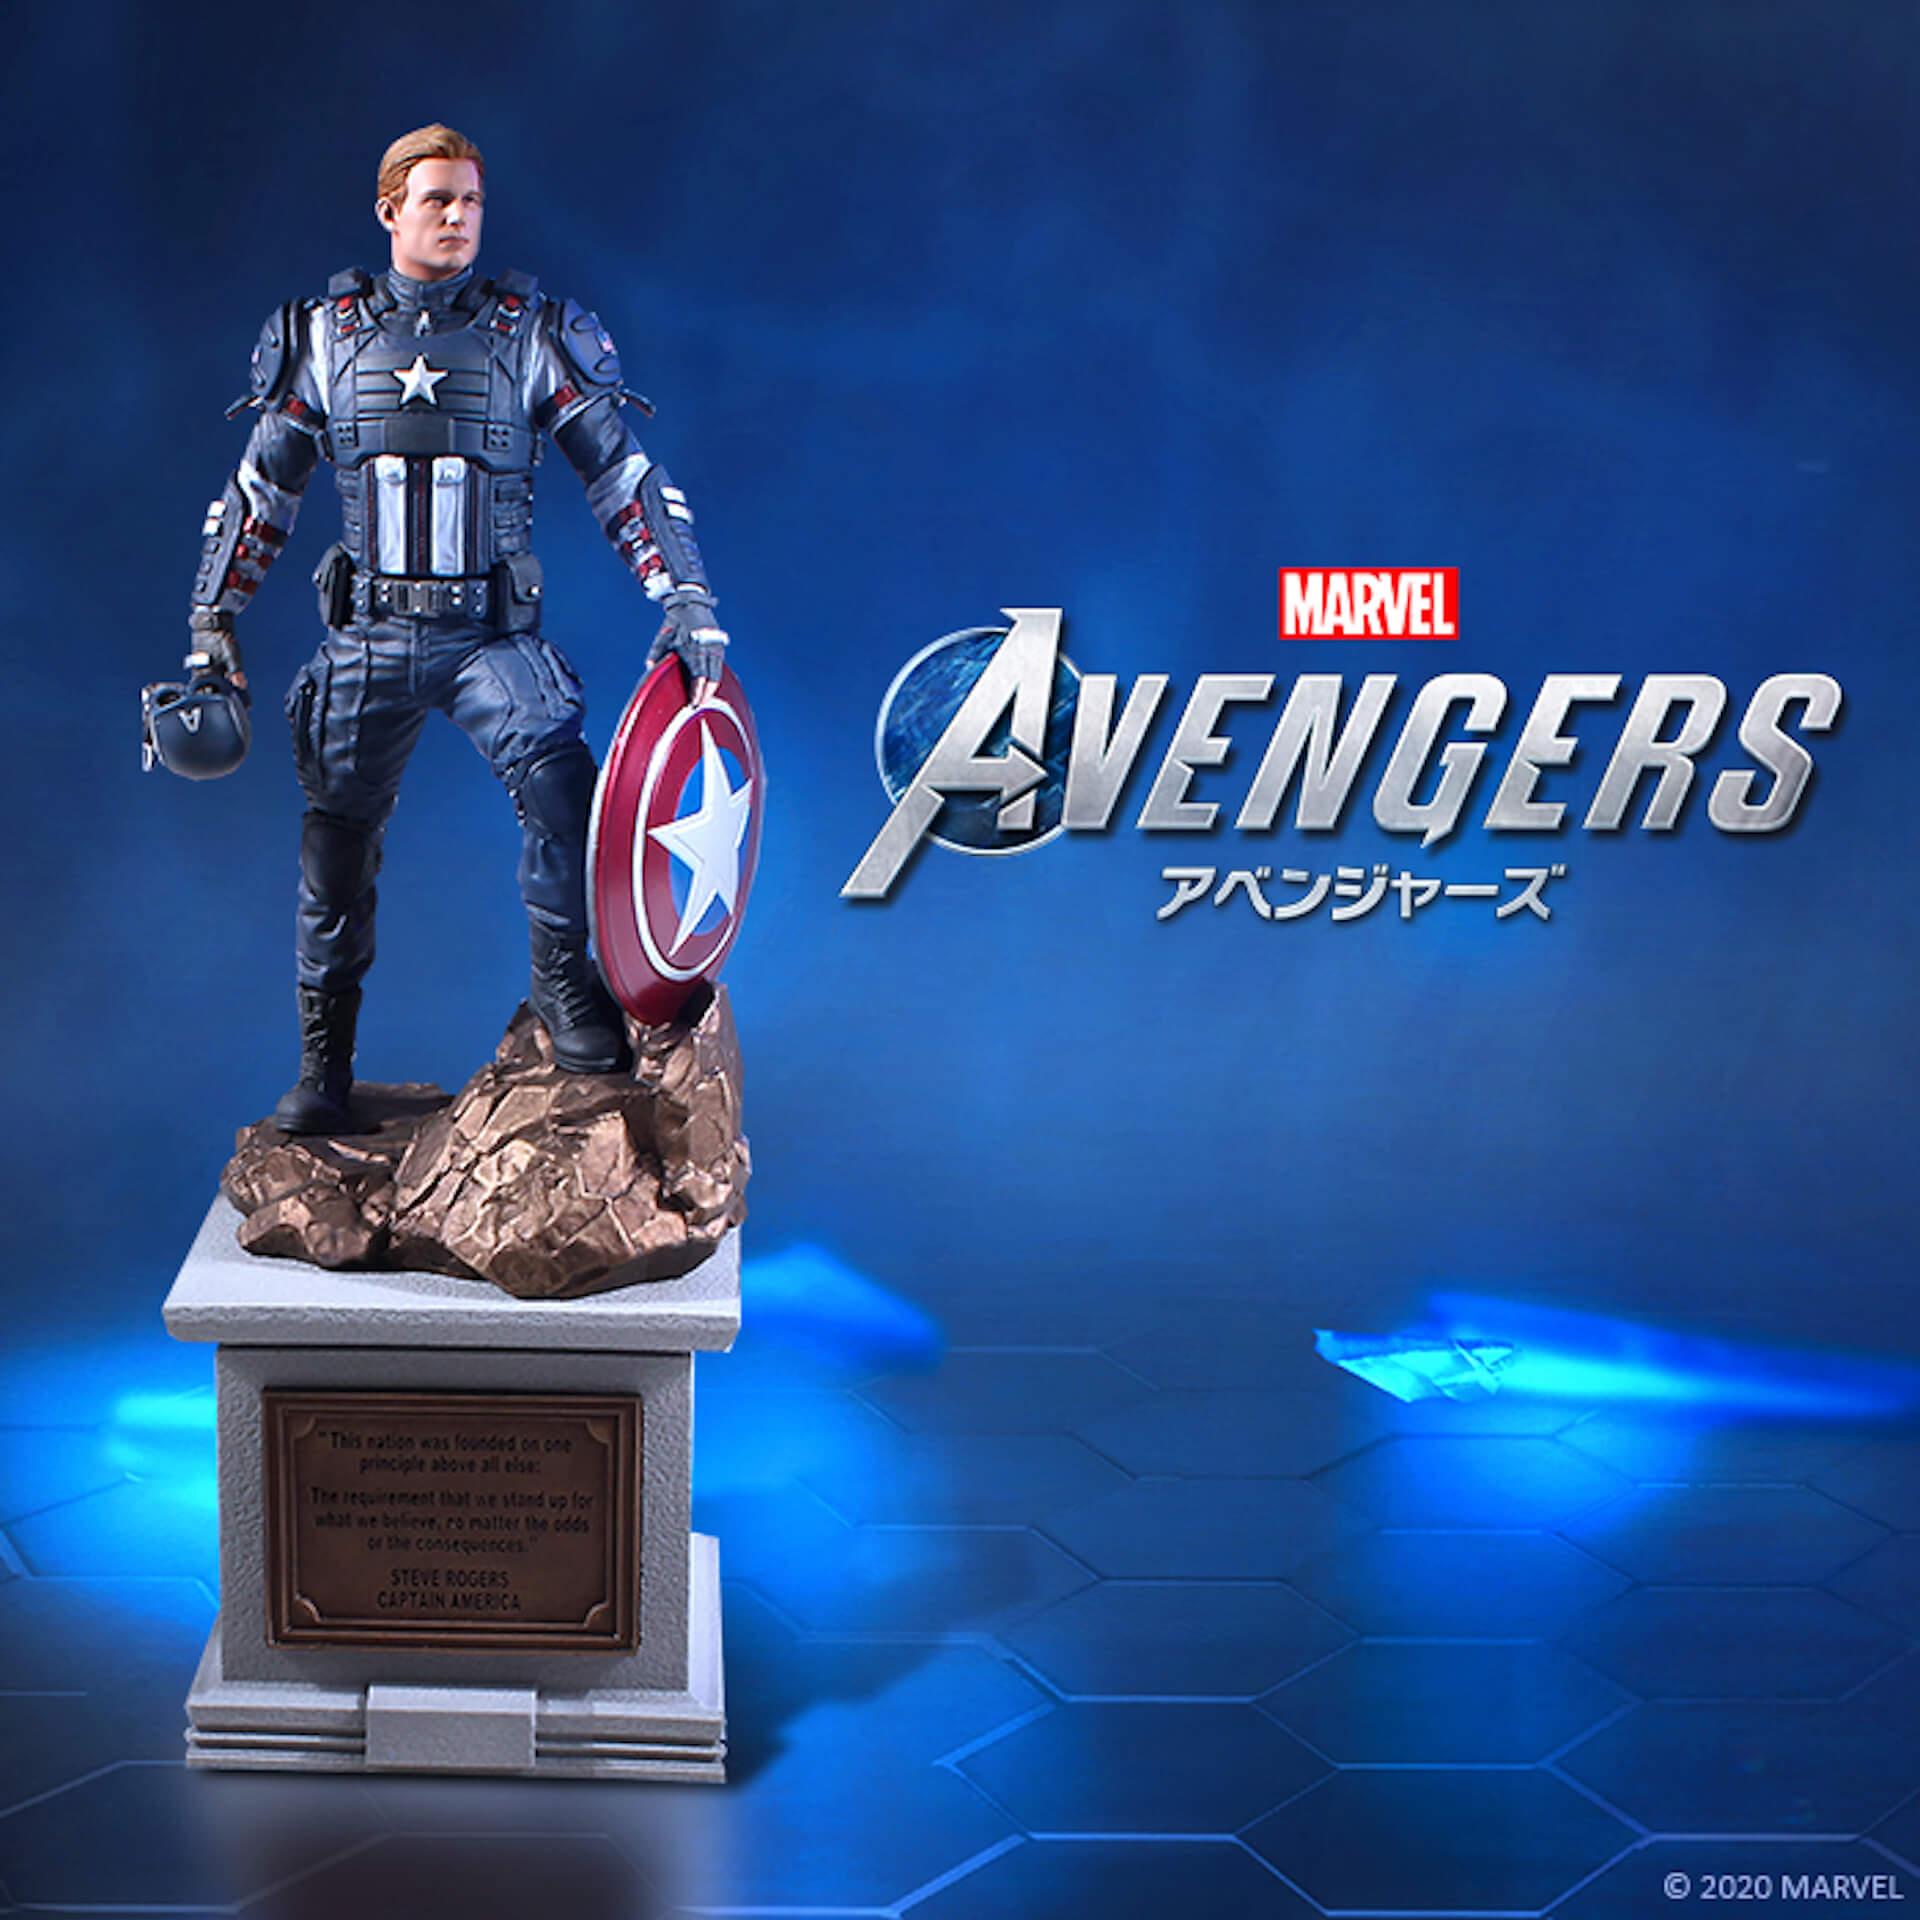 アベンジャーズ、ゲームでアッセンブル!『Marvel's Avengers』がついに予約受付開始&最新トレーラーも解禁 tech200417_avengers_game_5